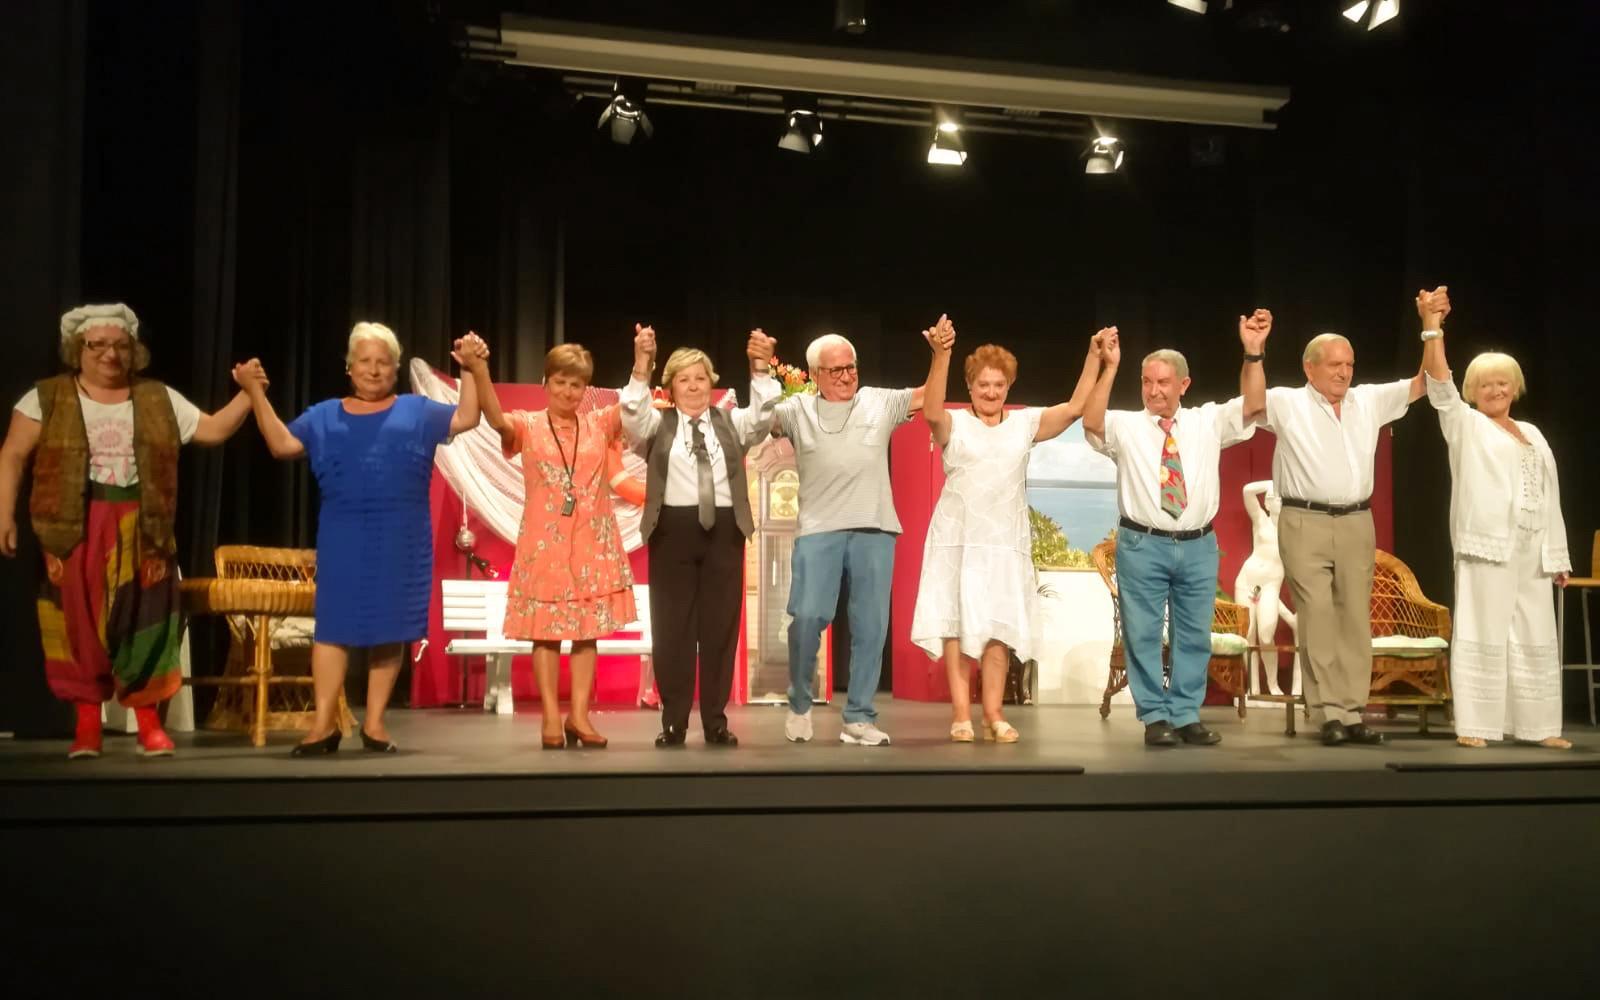 Abierta la convocatoria para participar en el segundo Certamen Autonómico de Teatro Mayores en Escena de Santa Pola